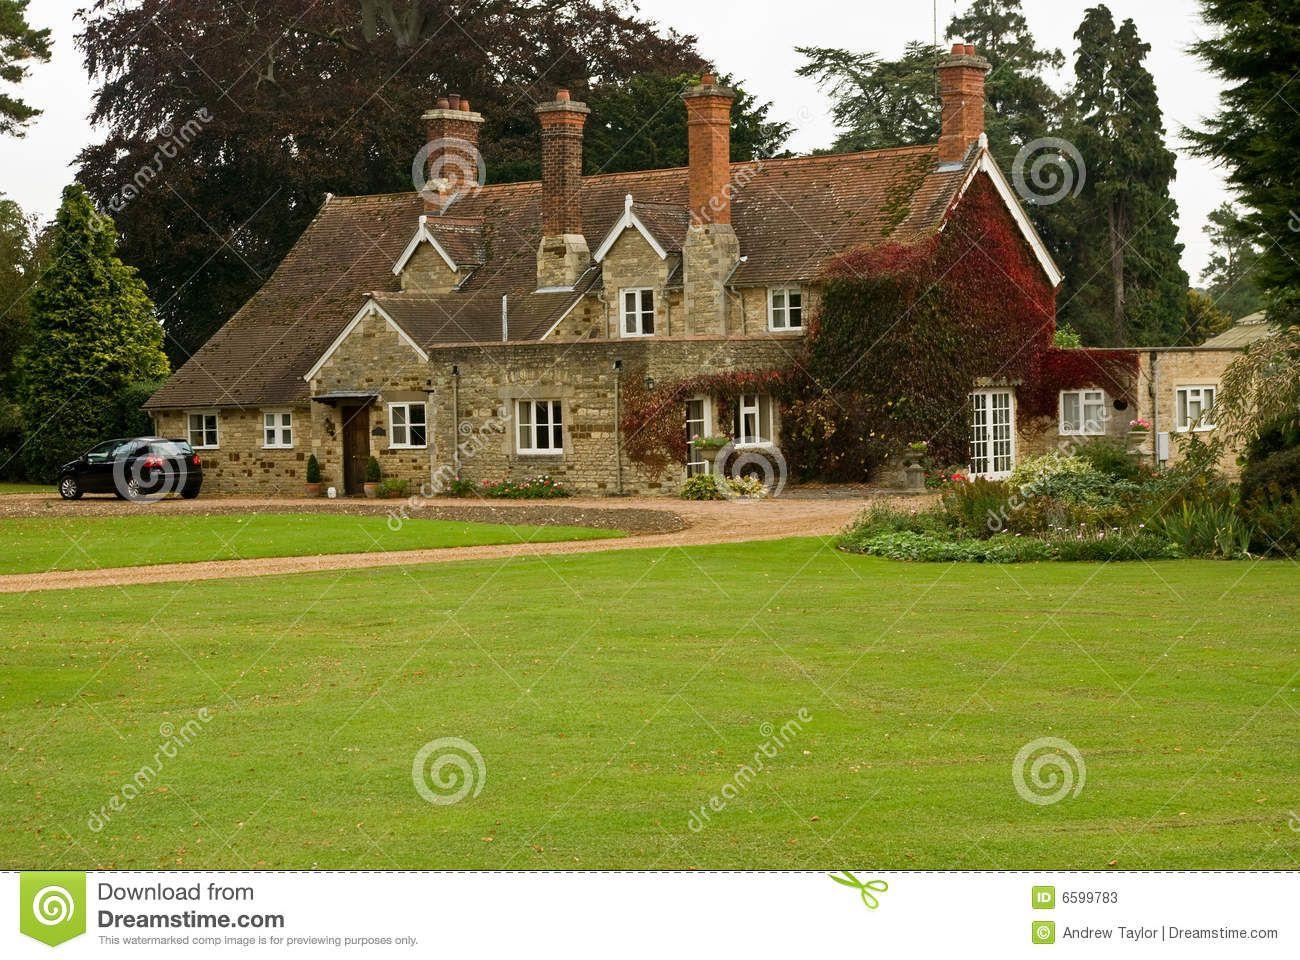 Englisches Cottage ein anderes englisches landhaus 6599783 jpg 1300 960 englische